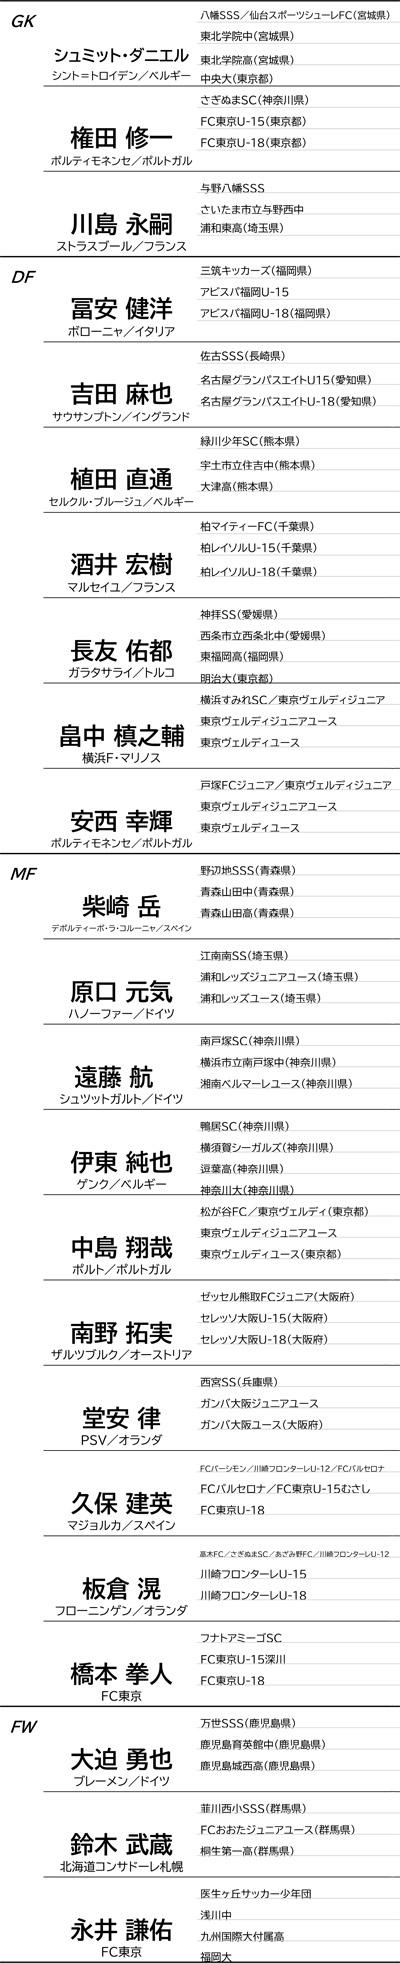 ジュニサカ日本代表経歴0830